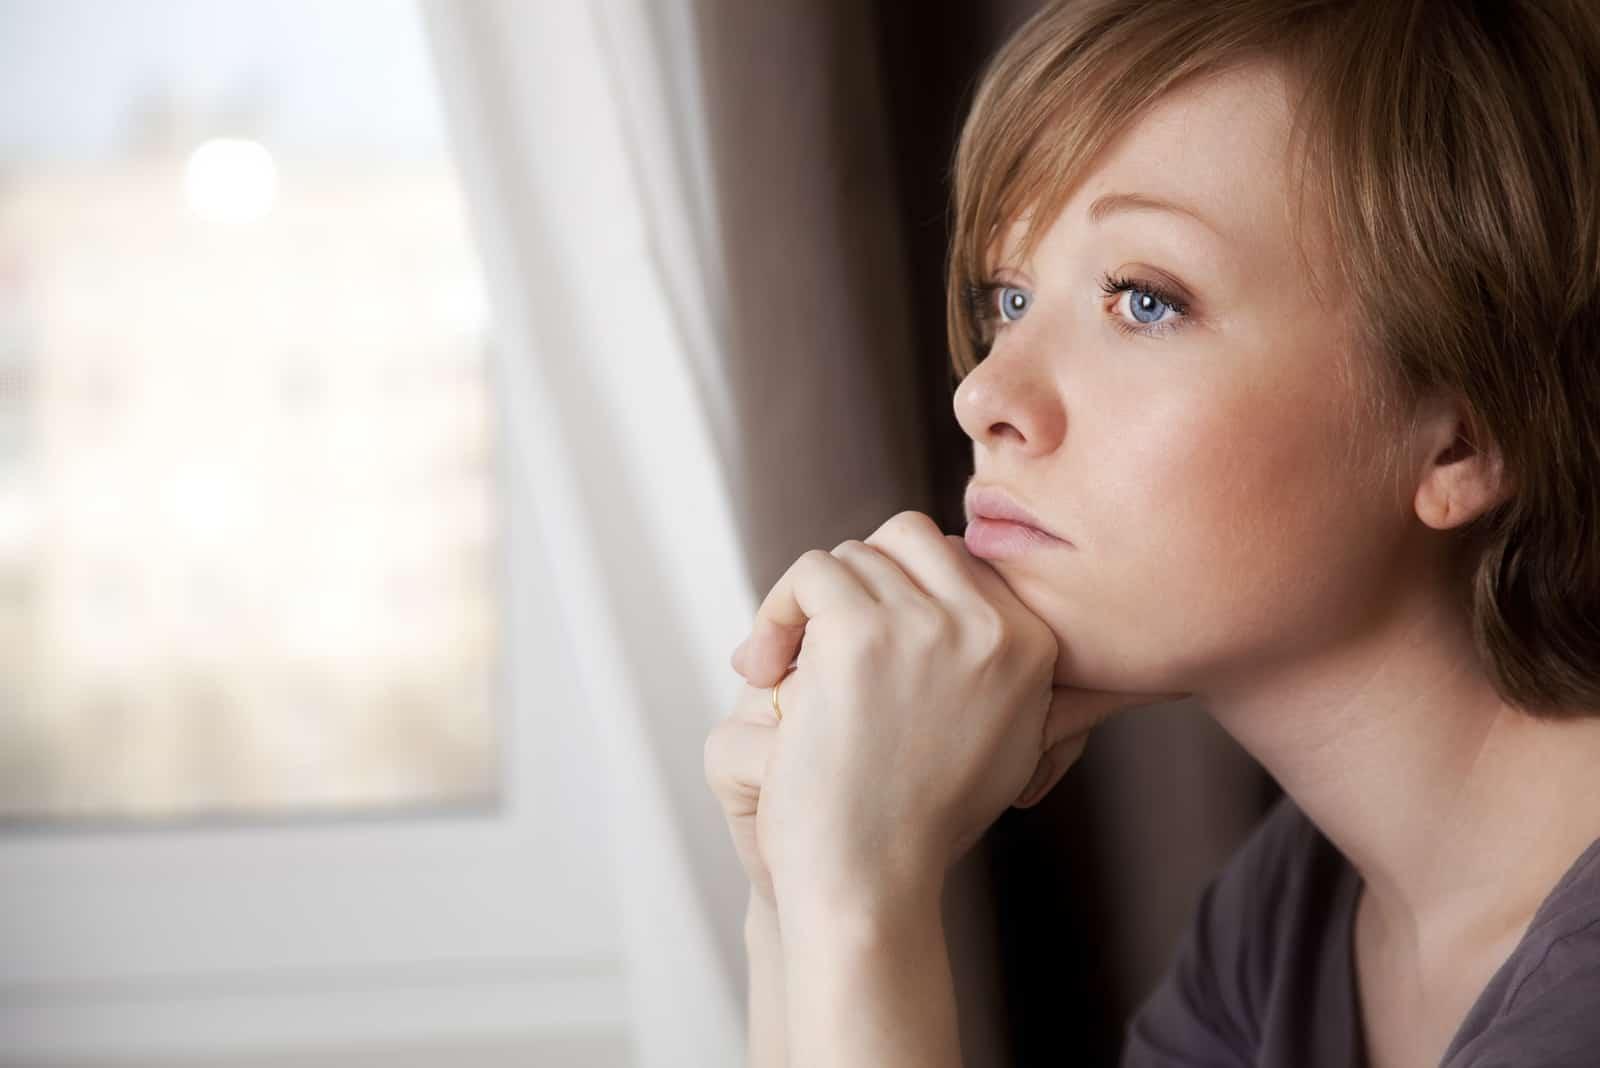 Eine kurzhaarige Frau sitzt am Fenster und denkt nach